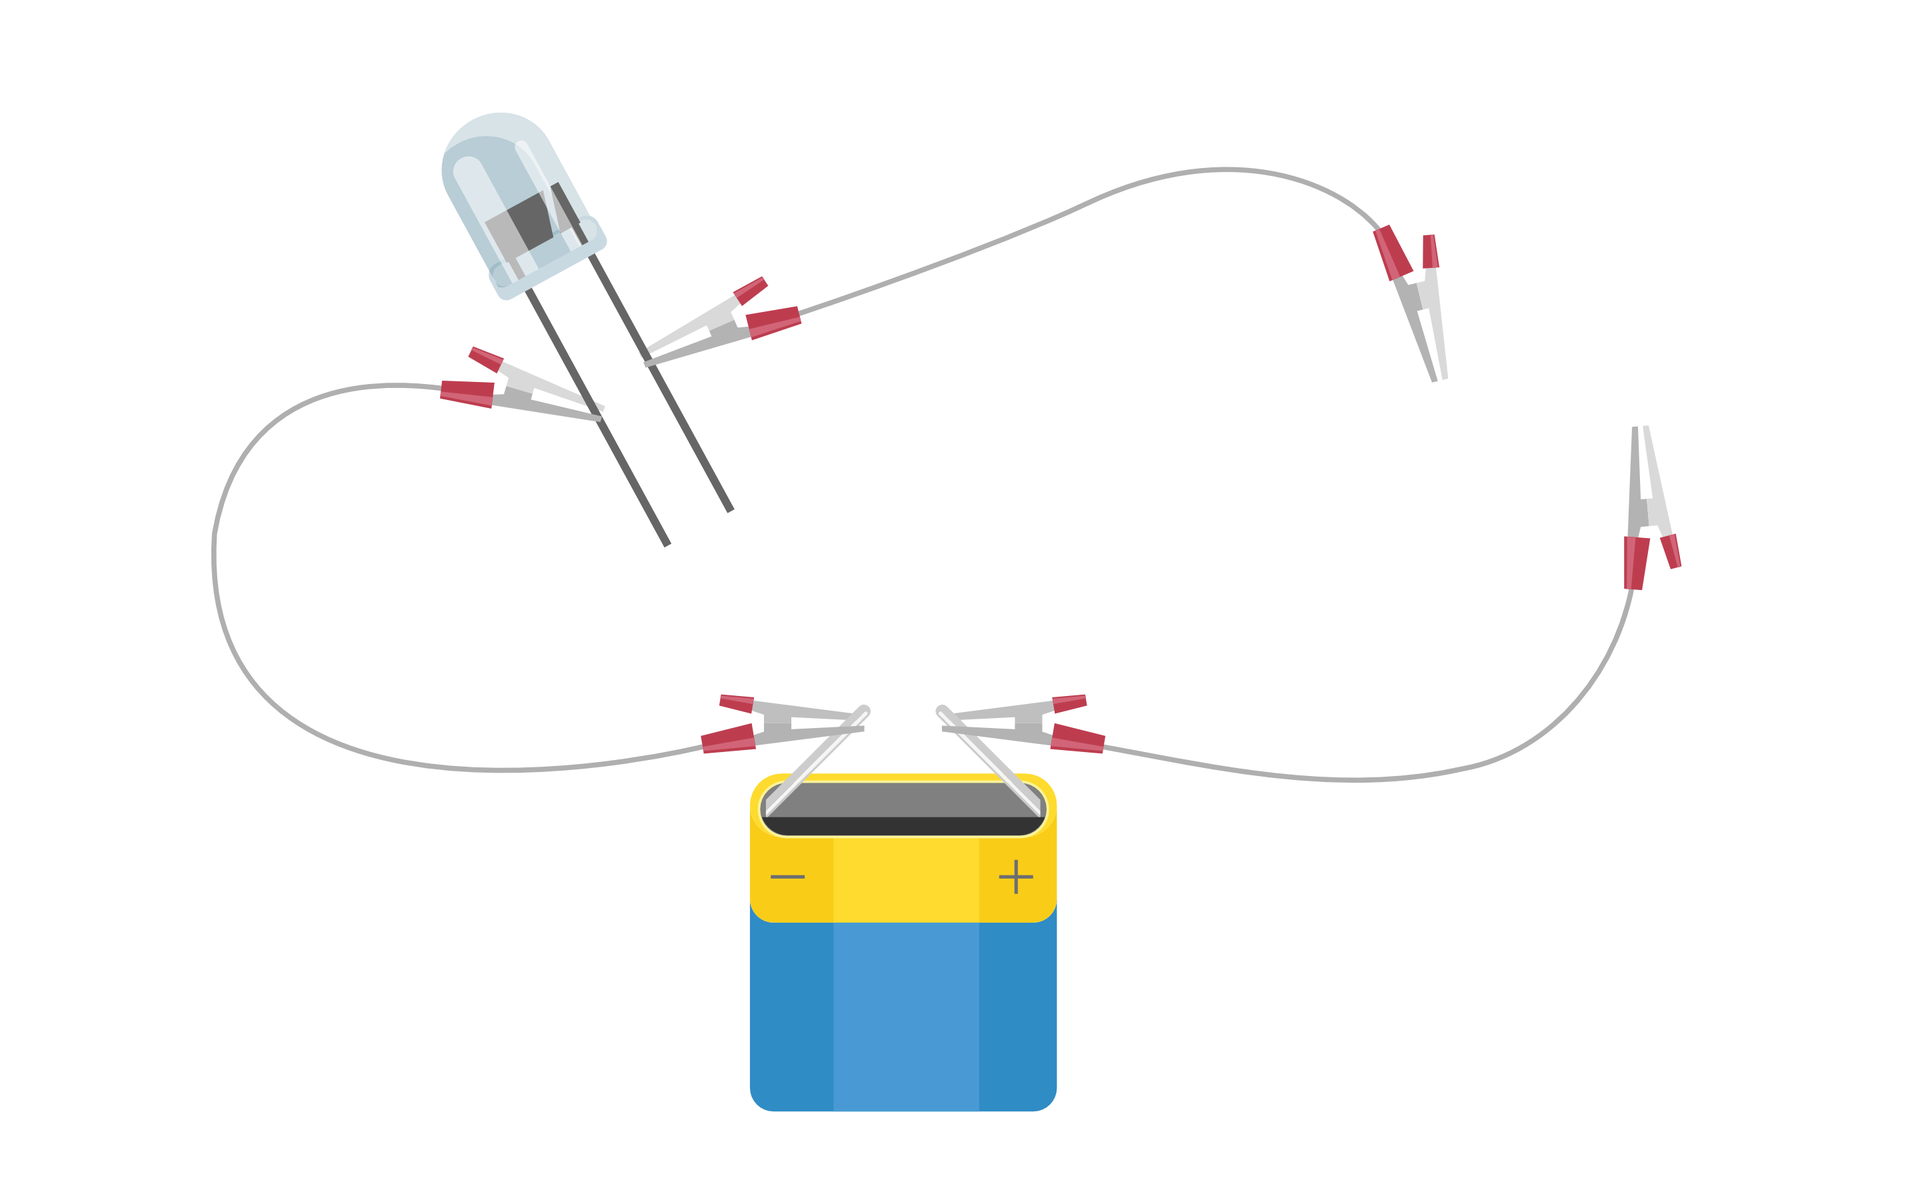 Ilustracja przedstawia rysunek obwodu elektrycznego składającego się zbaterii płaskiej, czyli źródła prądu, diody świecącej oraz przewodów zzaciskami typu krokodylki. Biegun ujemny baterii wcentralnej dolnej części rysunku podłączony jest do jednej znóżek diody LED wlewym górnym narożniku rysunku. Biegun dodatni oraz druga nóżka diody LED mają podłączone po jednym przewodzie. Końce tych dwóch przewodów leżą obok siebie wprawej części rysunku, ale się ze sobą nie stykają. Dioda się nie świeci.